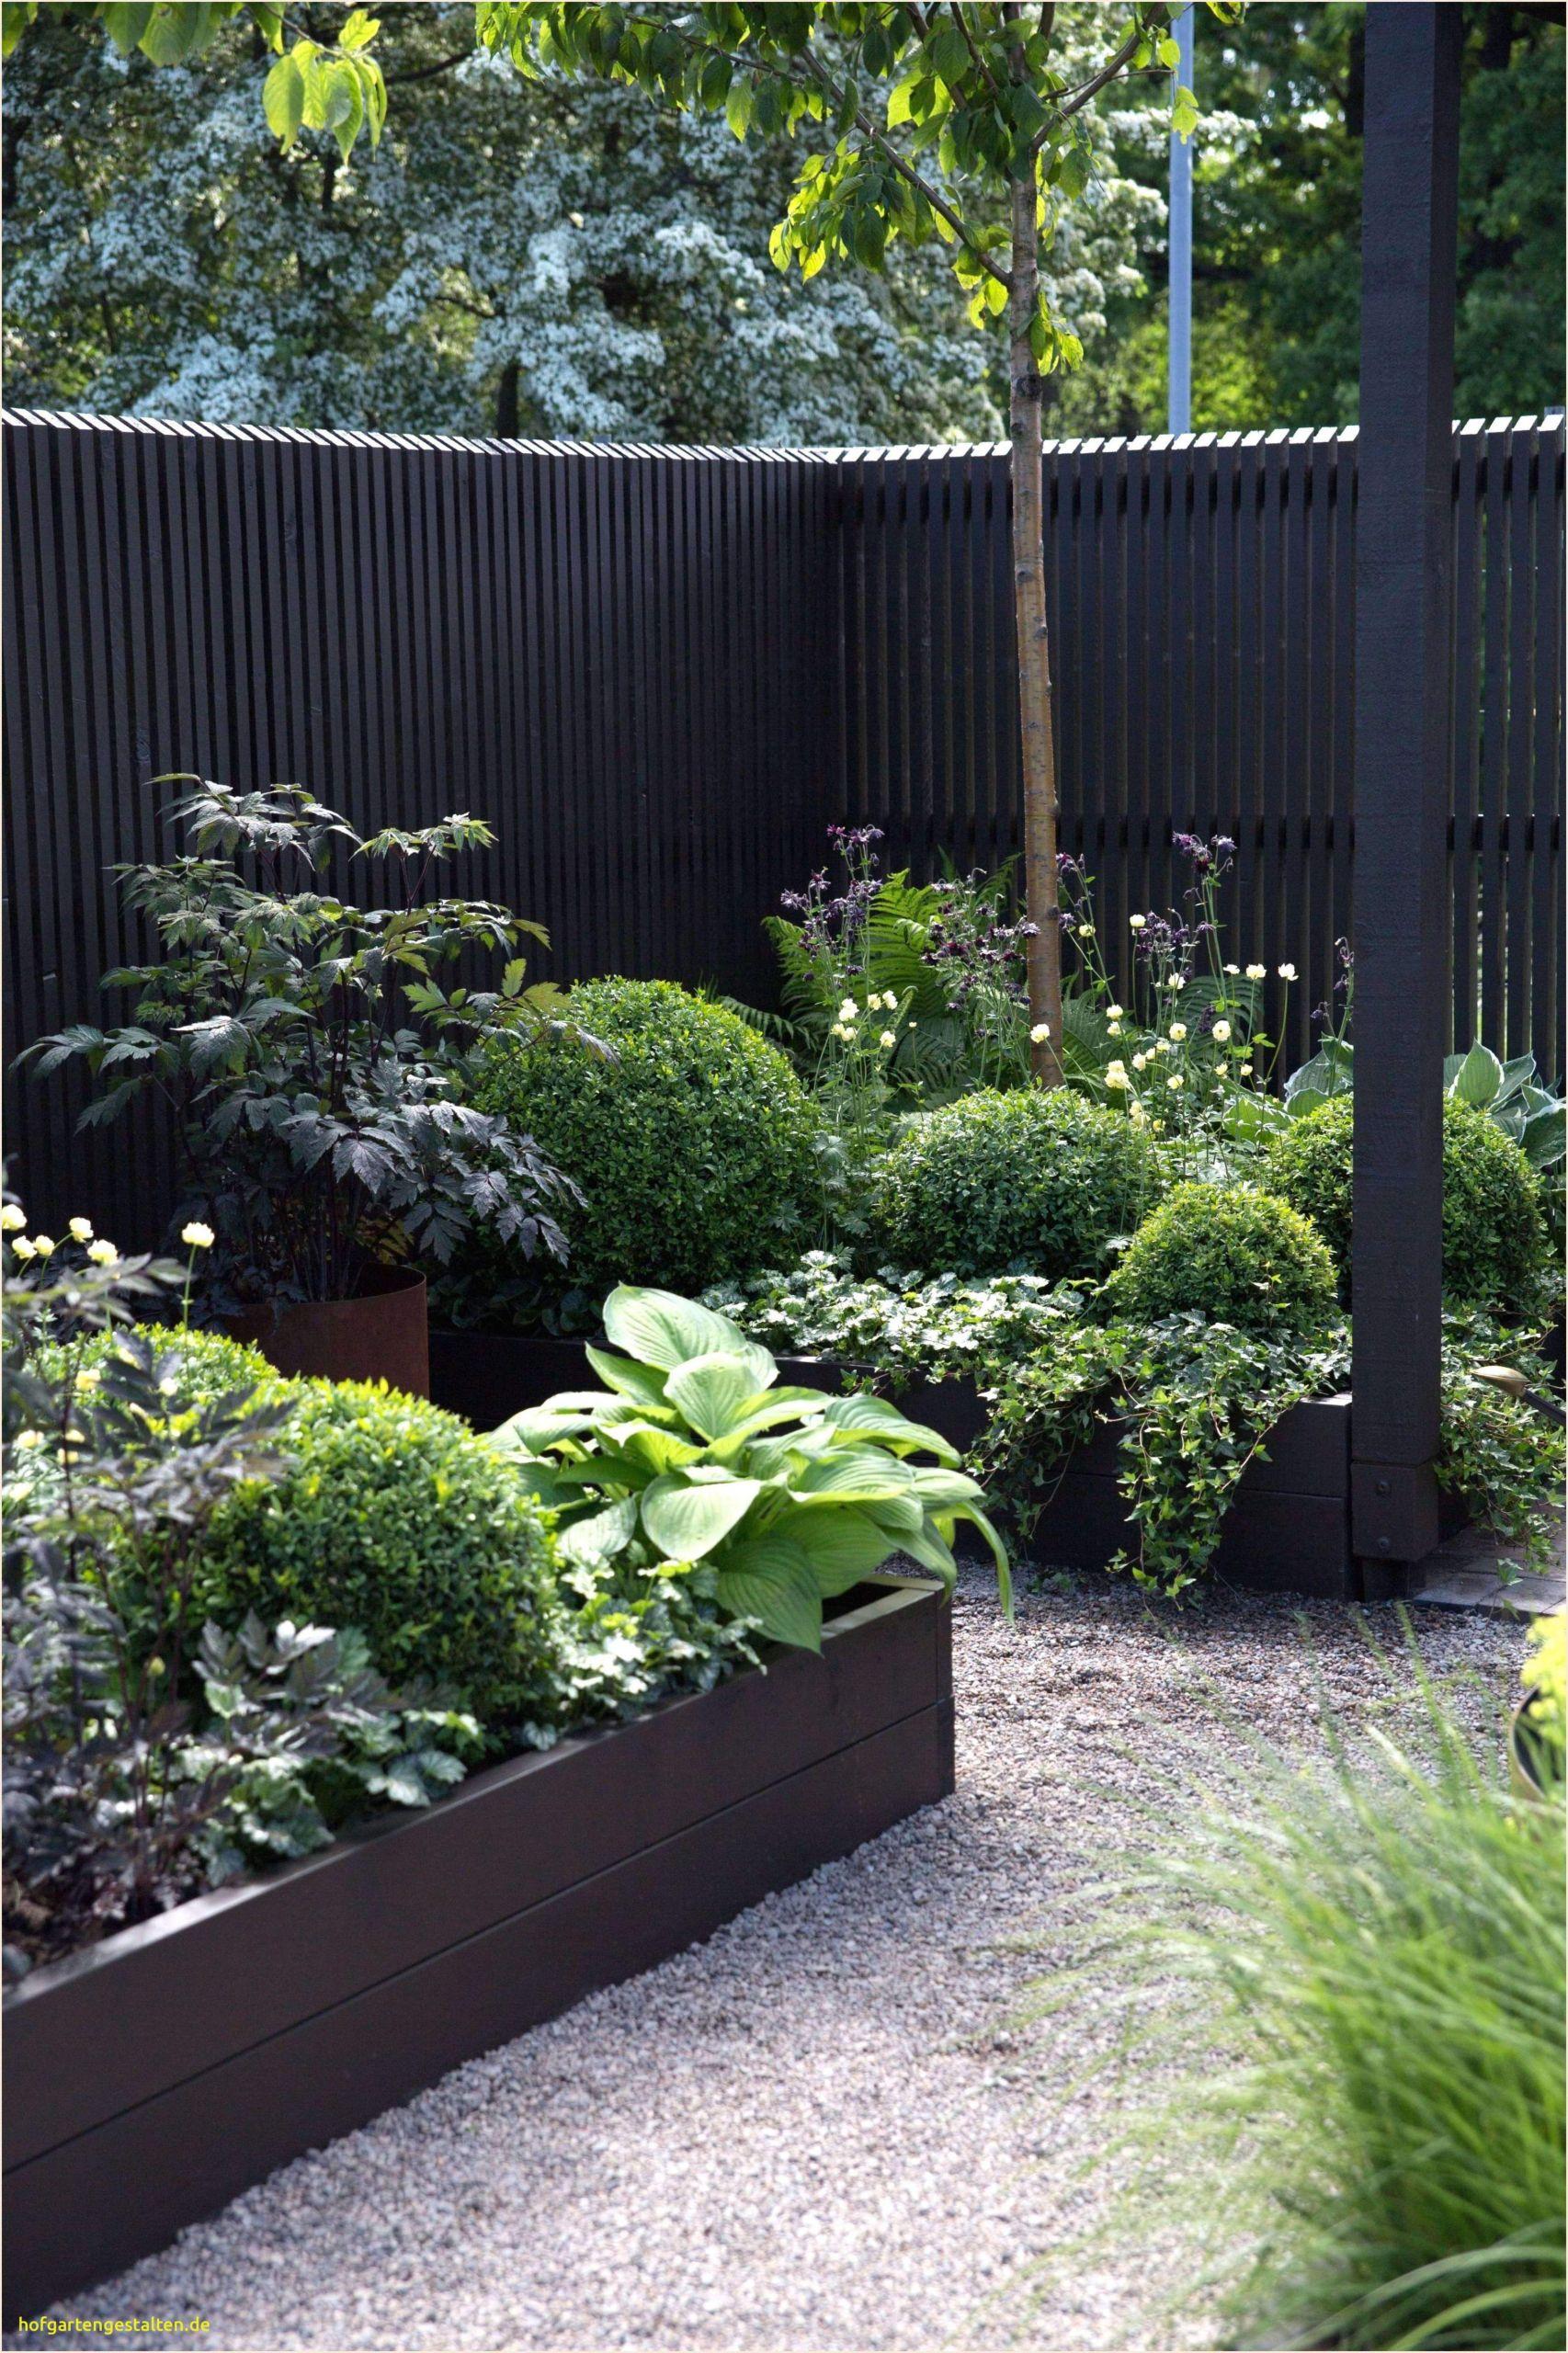 Kosten Garten Anlegen Genial Alten Garten Neu Anlegen — Temobardz Home Blog